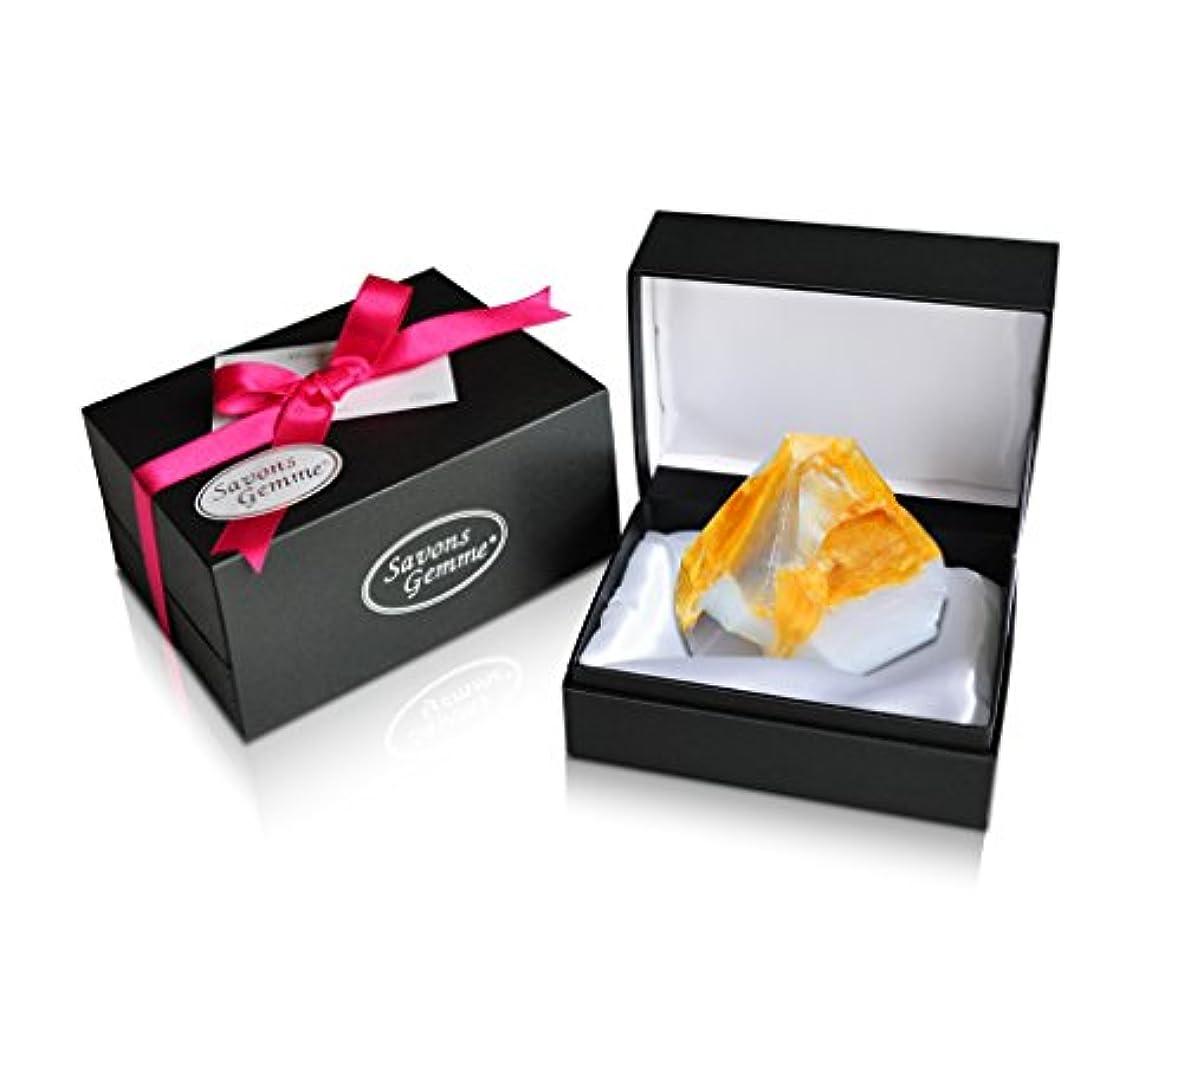 どうやら立ち寄る無臭Savons Gemme サボンジェム ジュエリーギフトボックス 世界で一番美しい宝石石鹸 フレグランス ソープ 宝石箱のようなラグジュアリー感を演出 アルバトールオリエンタル 170g 【日本総代理店品】